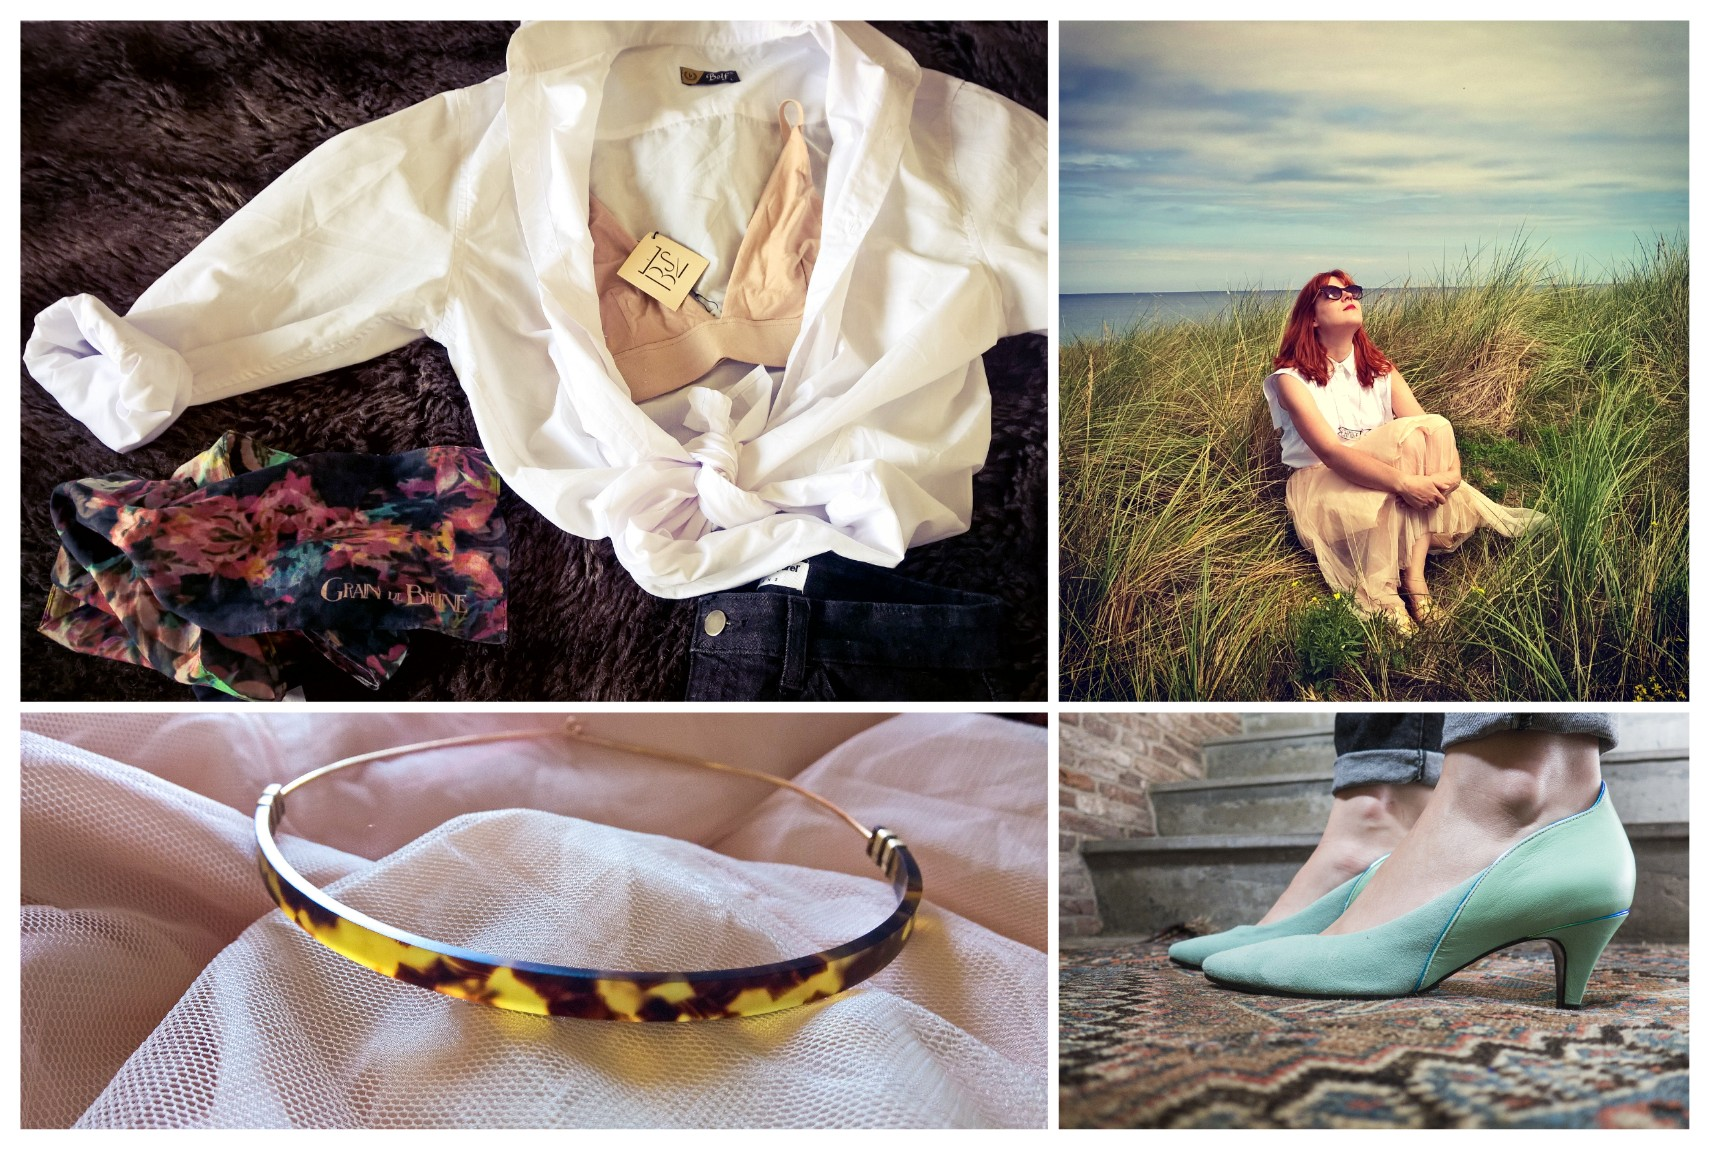 Faire le choix de la mode éthique - The New Wardrobe